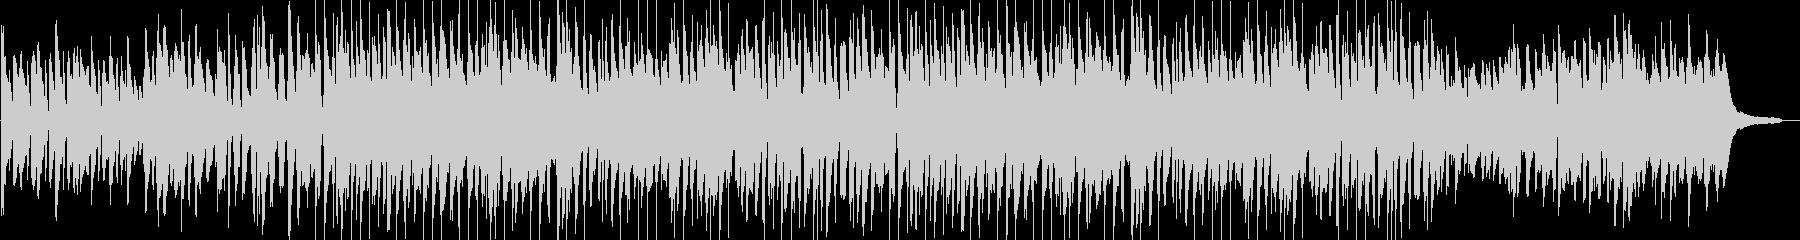 ウキウキ・スウィング調・映像・イベント用の未再生の波形